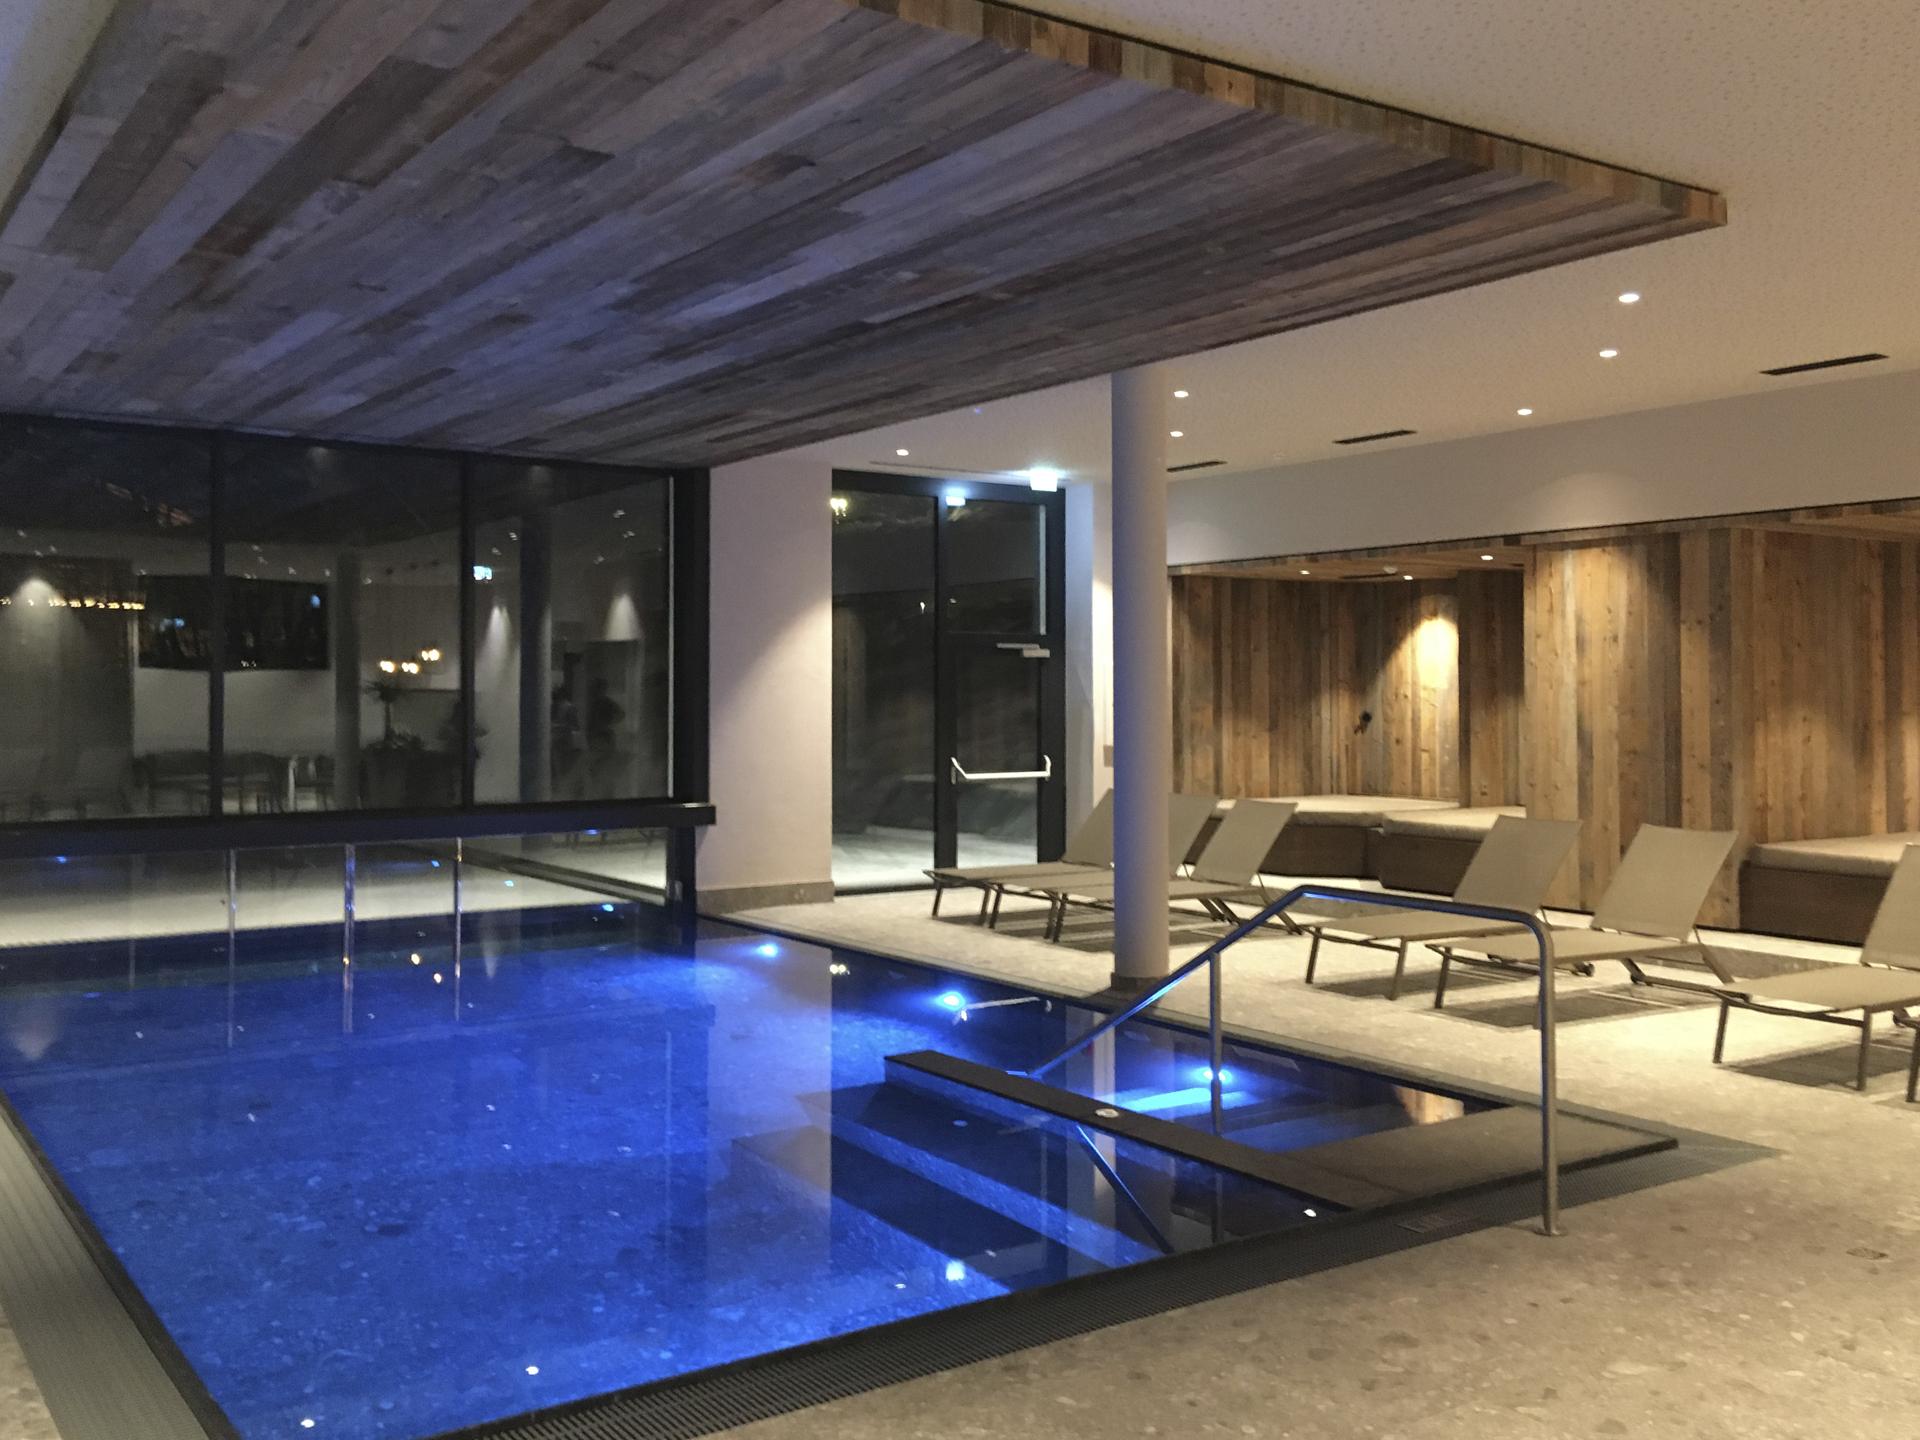 tischlerei-decker-Hotel-der-Baer-Indoorpool